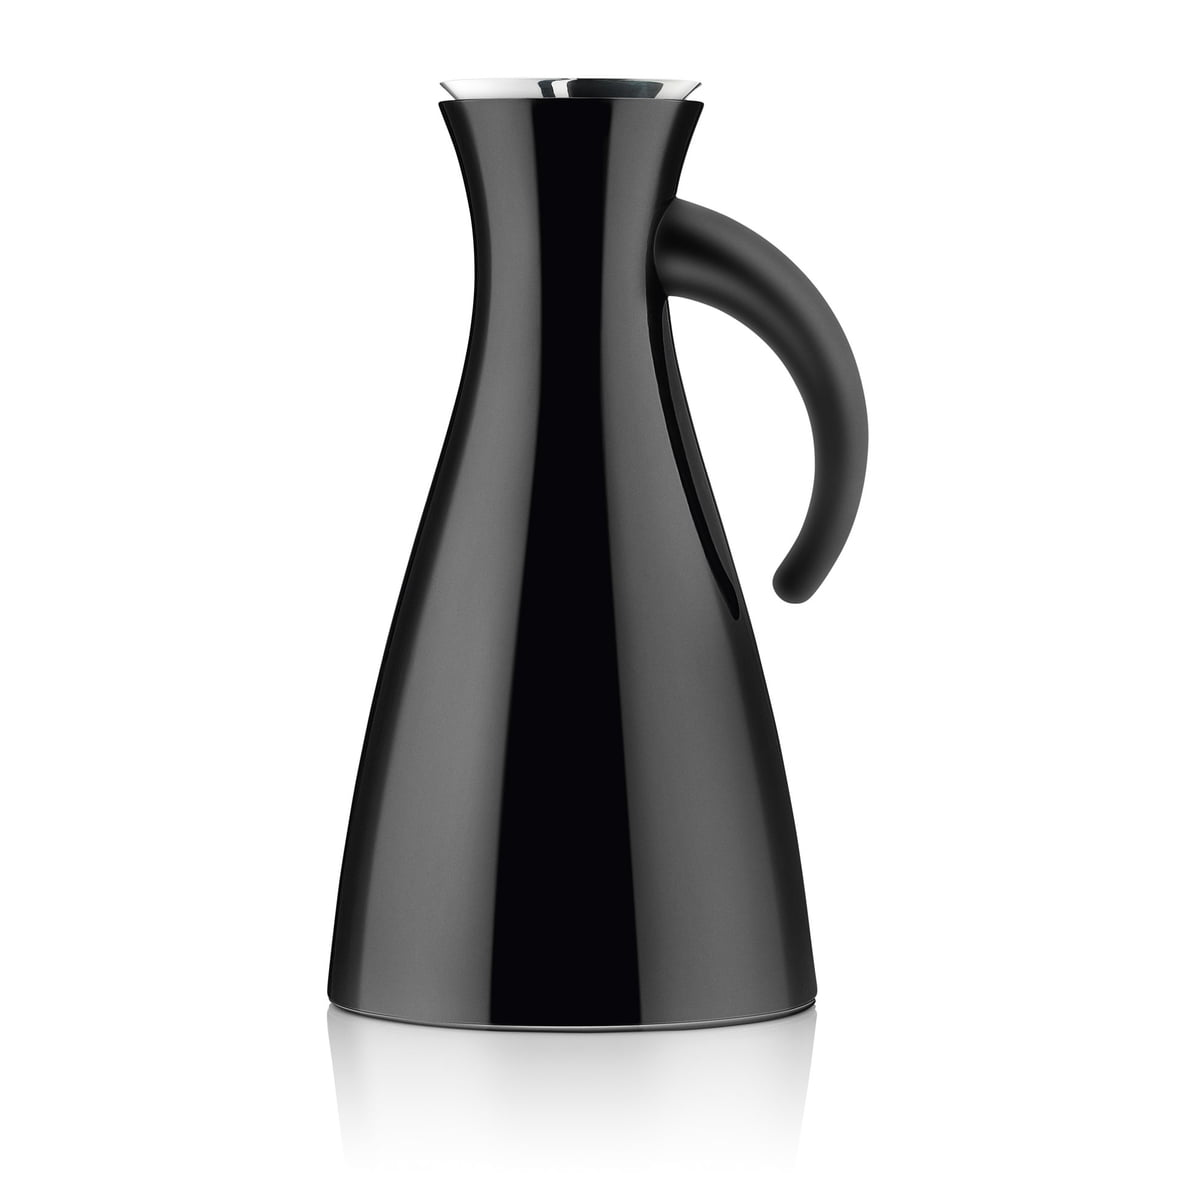 Eva Solo - Kaffee-Isolierkanne, schwarz